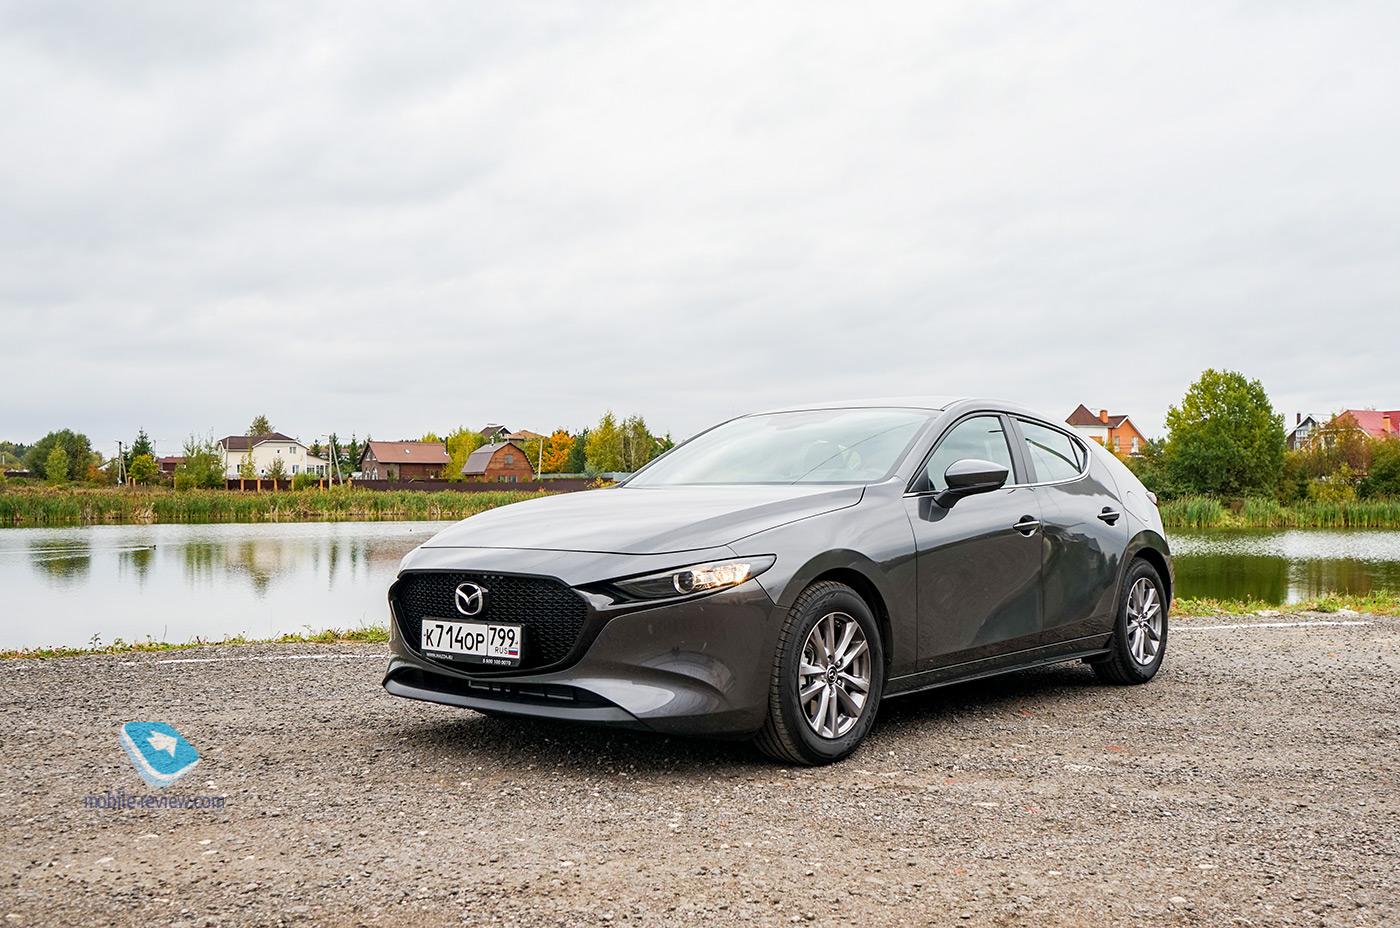 Первый взгляд на новую Mazda 3. Японцы рвутся в премиум